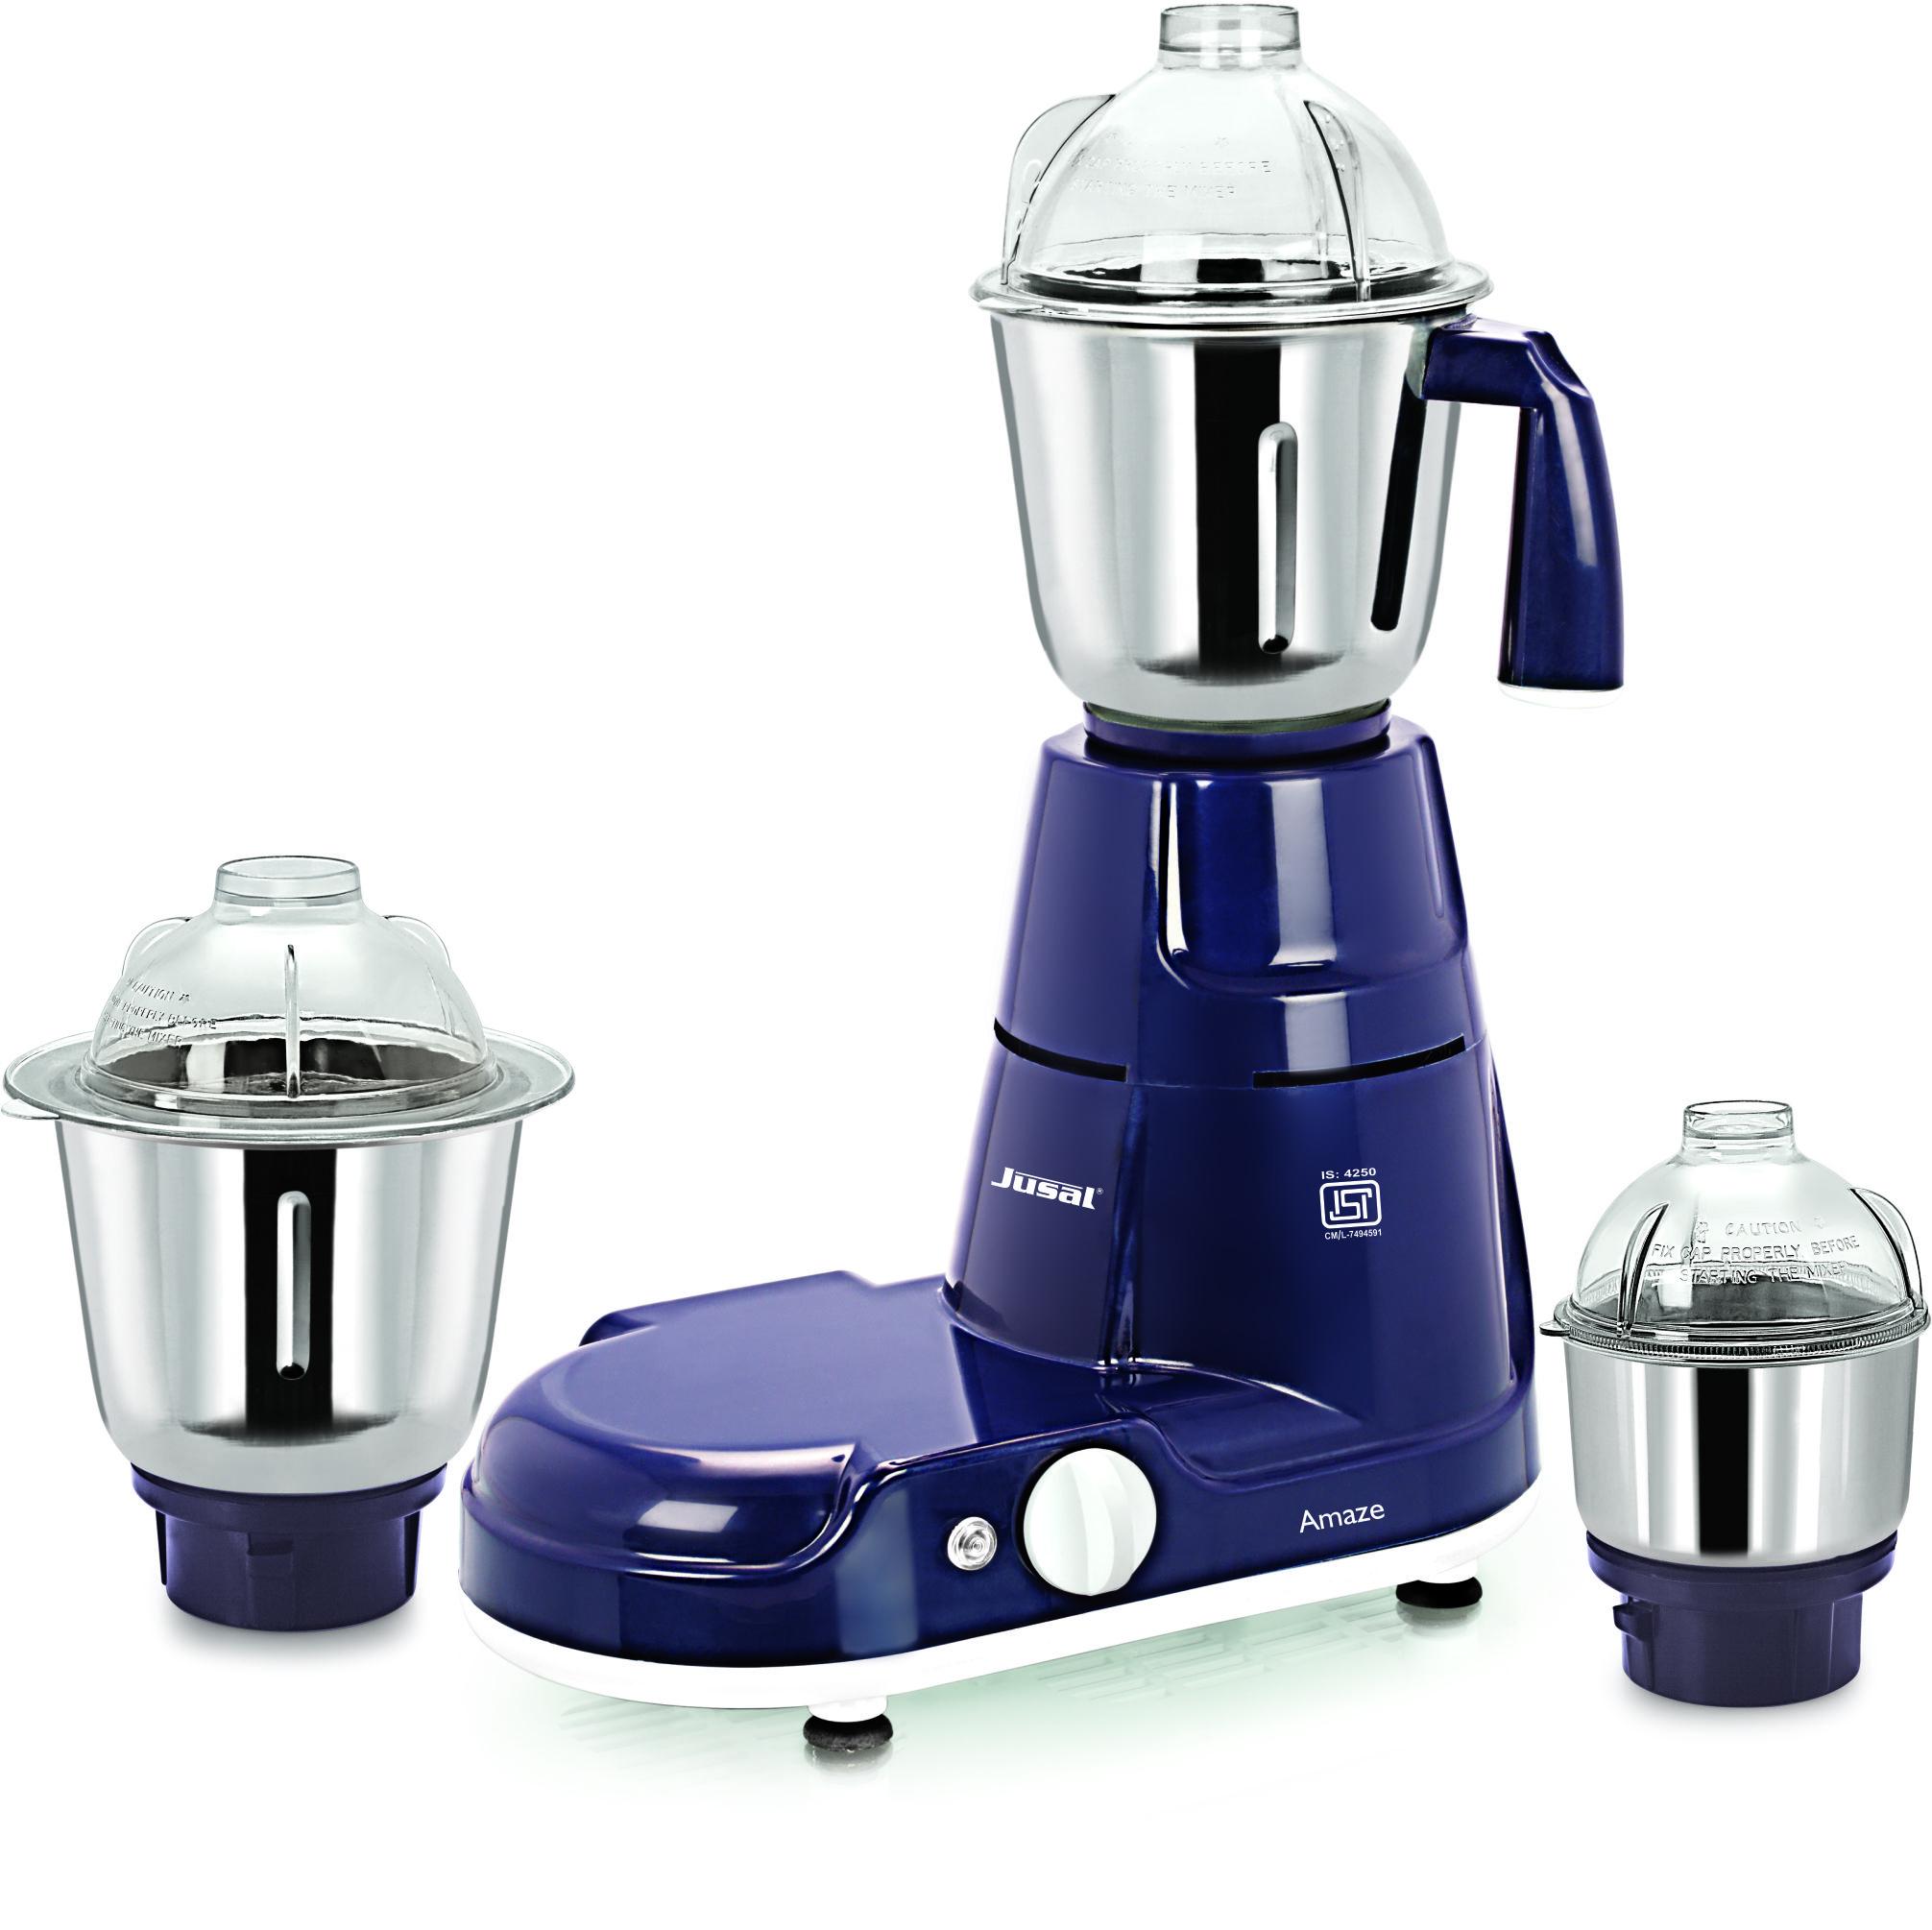 Jusal Amaze 550 Watt Mixer Grinder Best Deals With Price Comparison Signora Power Juicer